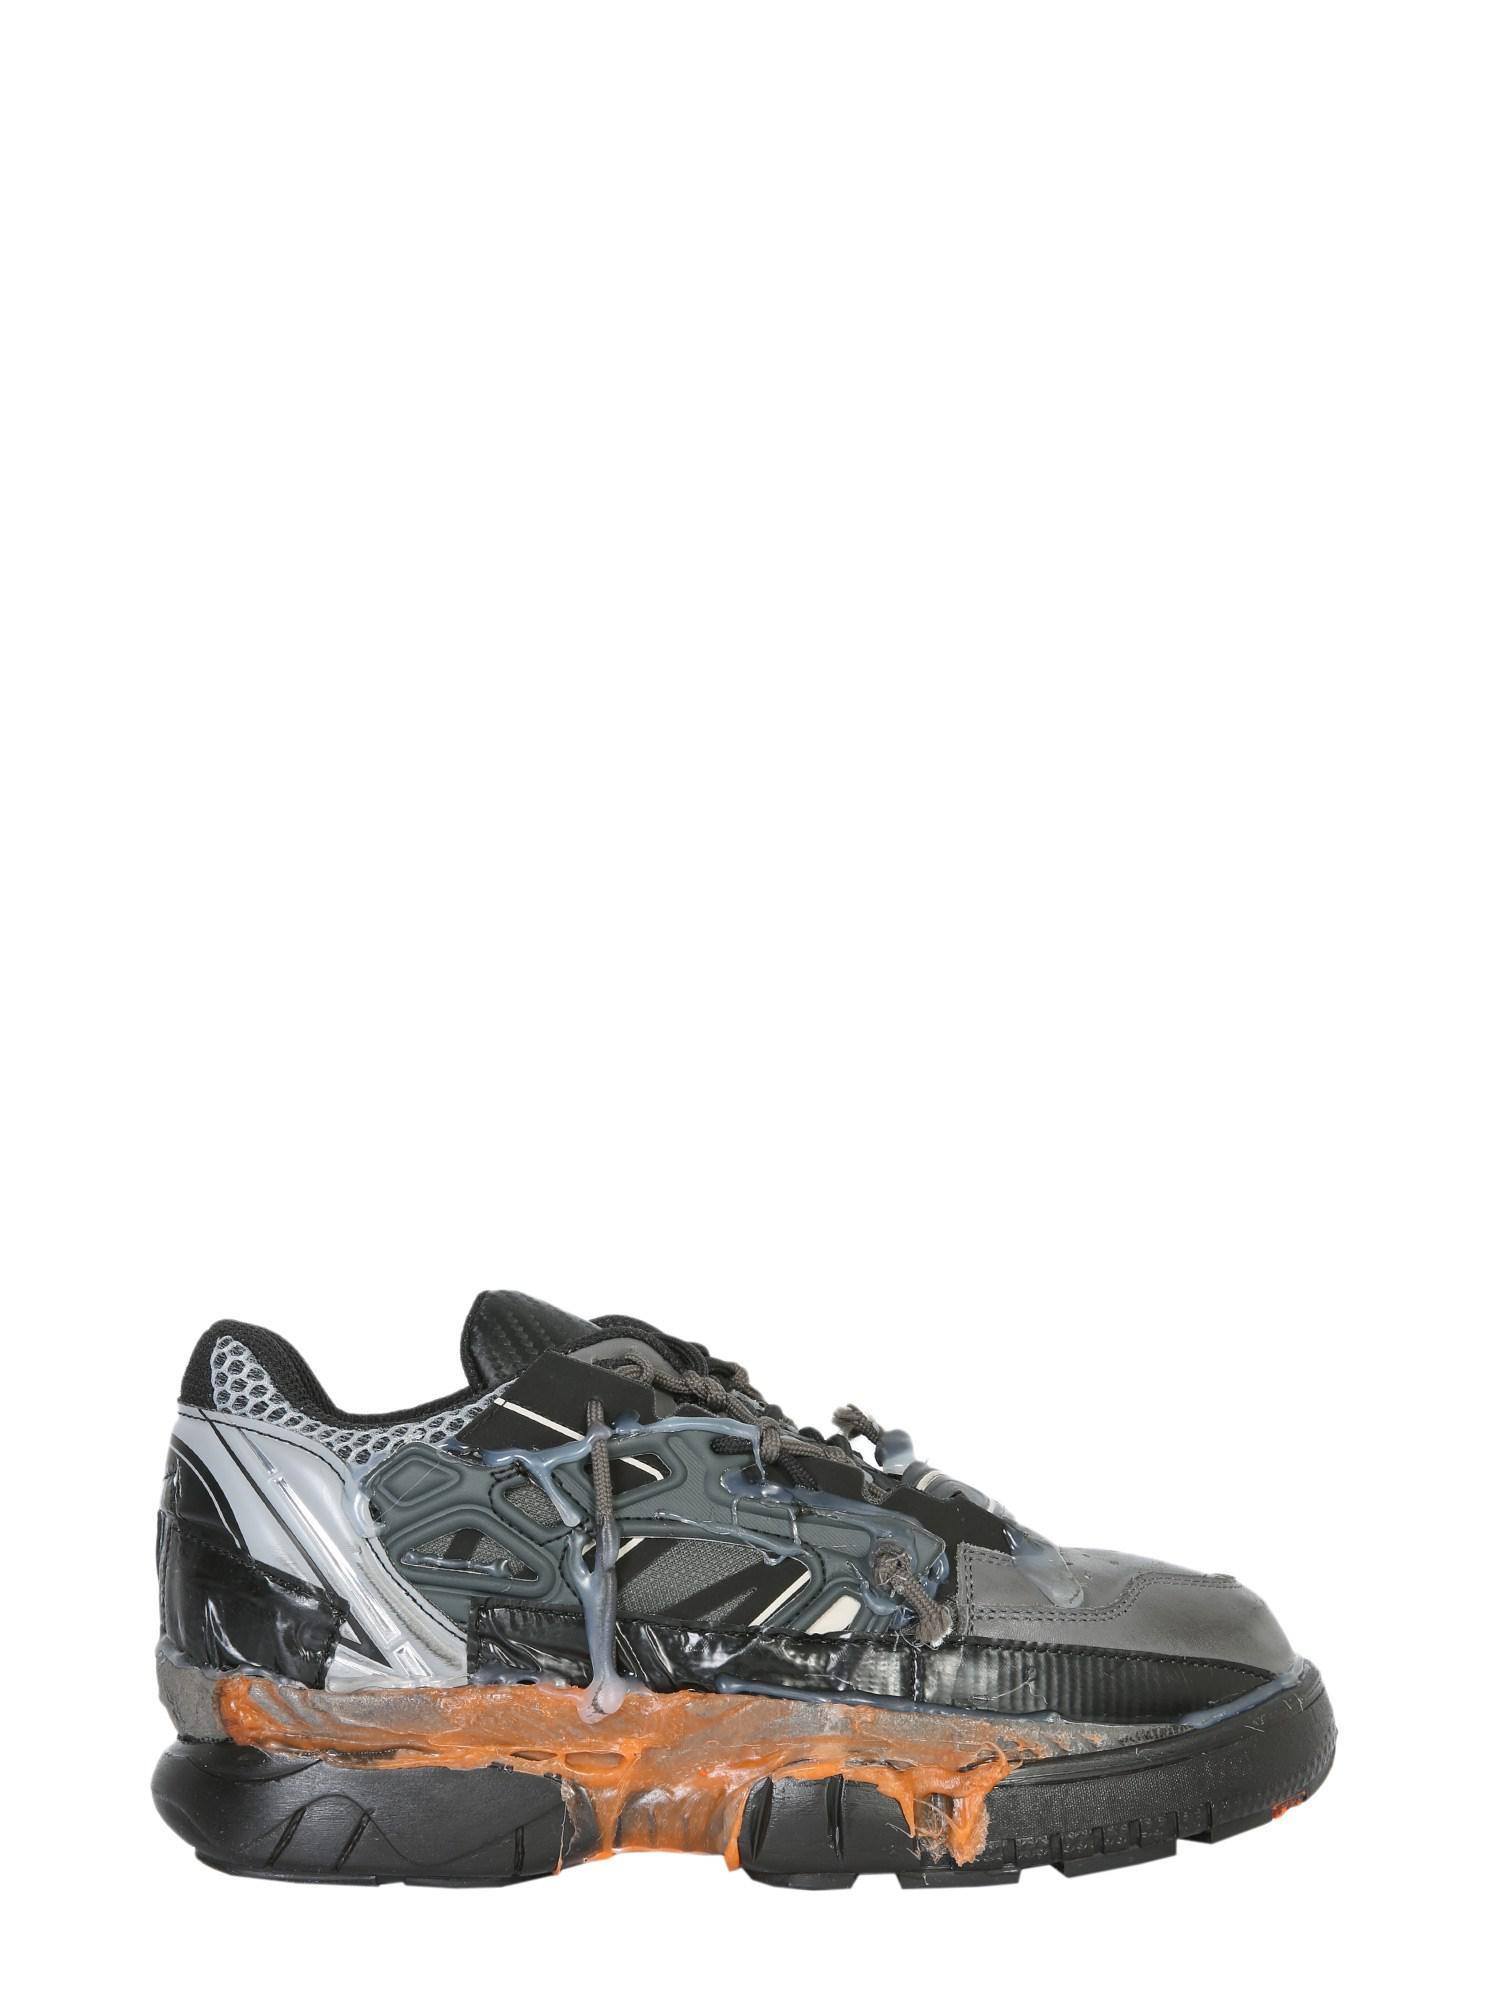 6c26d084861b0 Maison Margiela Low-top Fusion Leather Sneaker for Men - Lyst